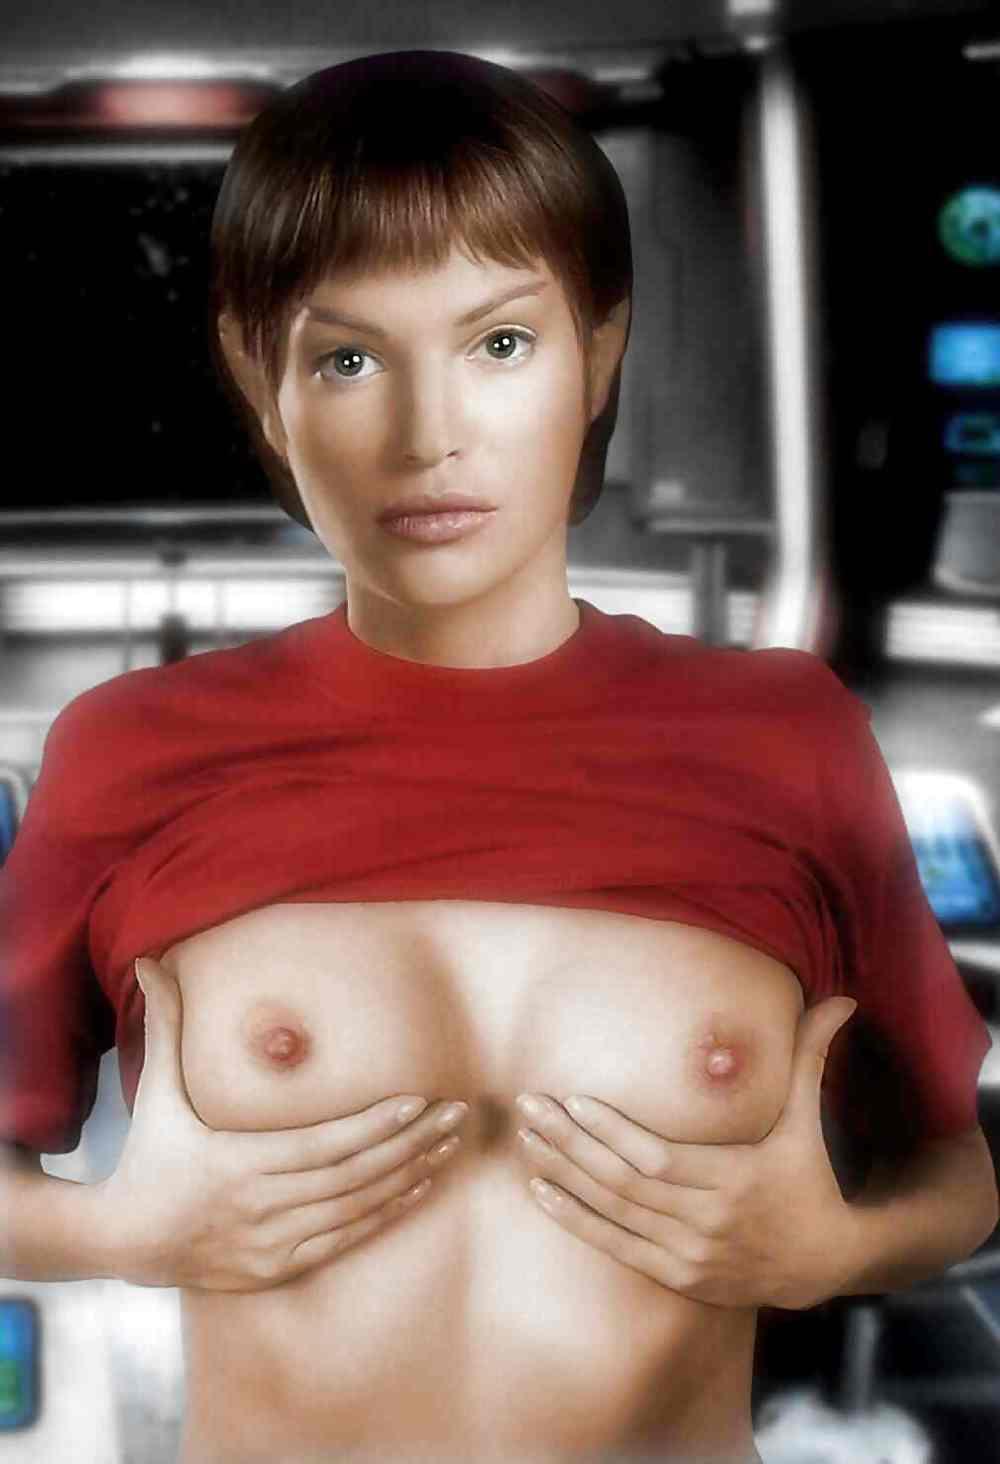 jolene-blaloch-porno-halle-berry-nude-hand